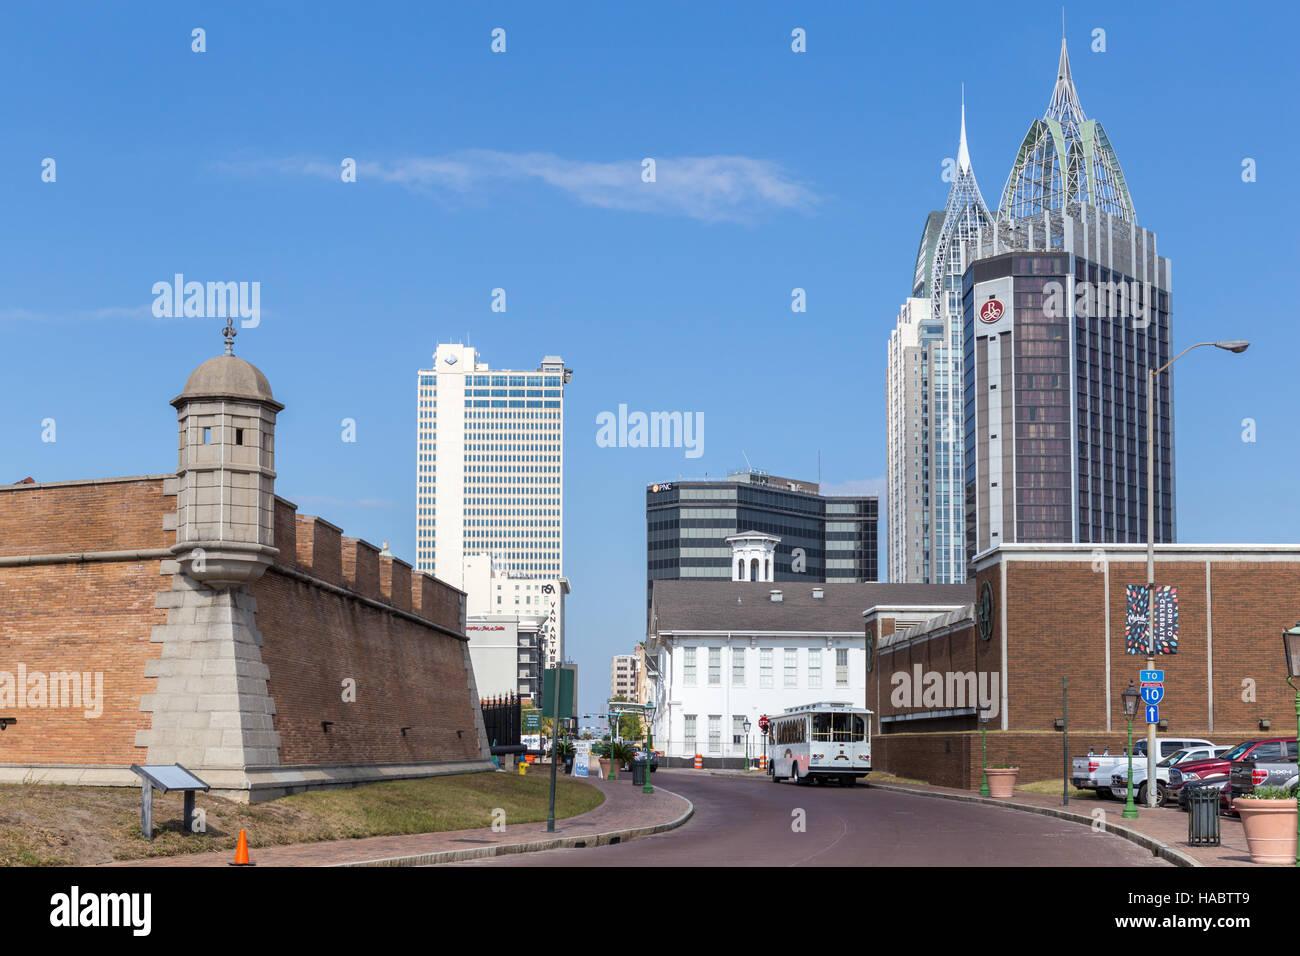 Moderne Wolkenkratzer dominieren die Skyline die Innenstadt, mit Fort Conde auf der linken Seite, in Mobile, Alabama. Stockfoto